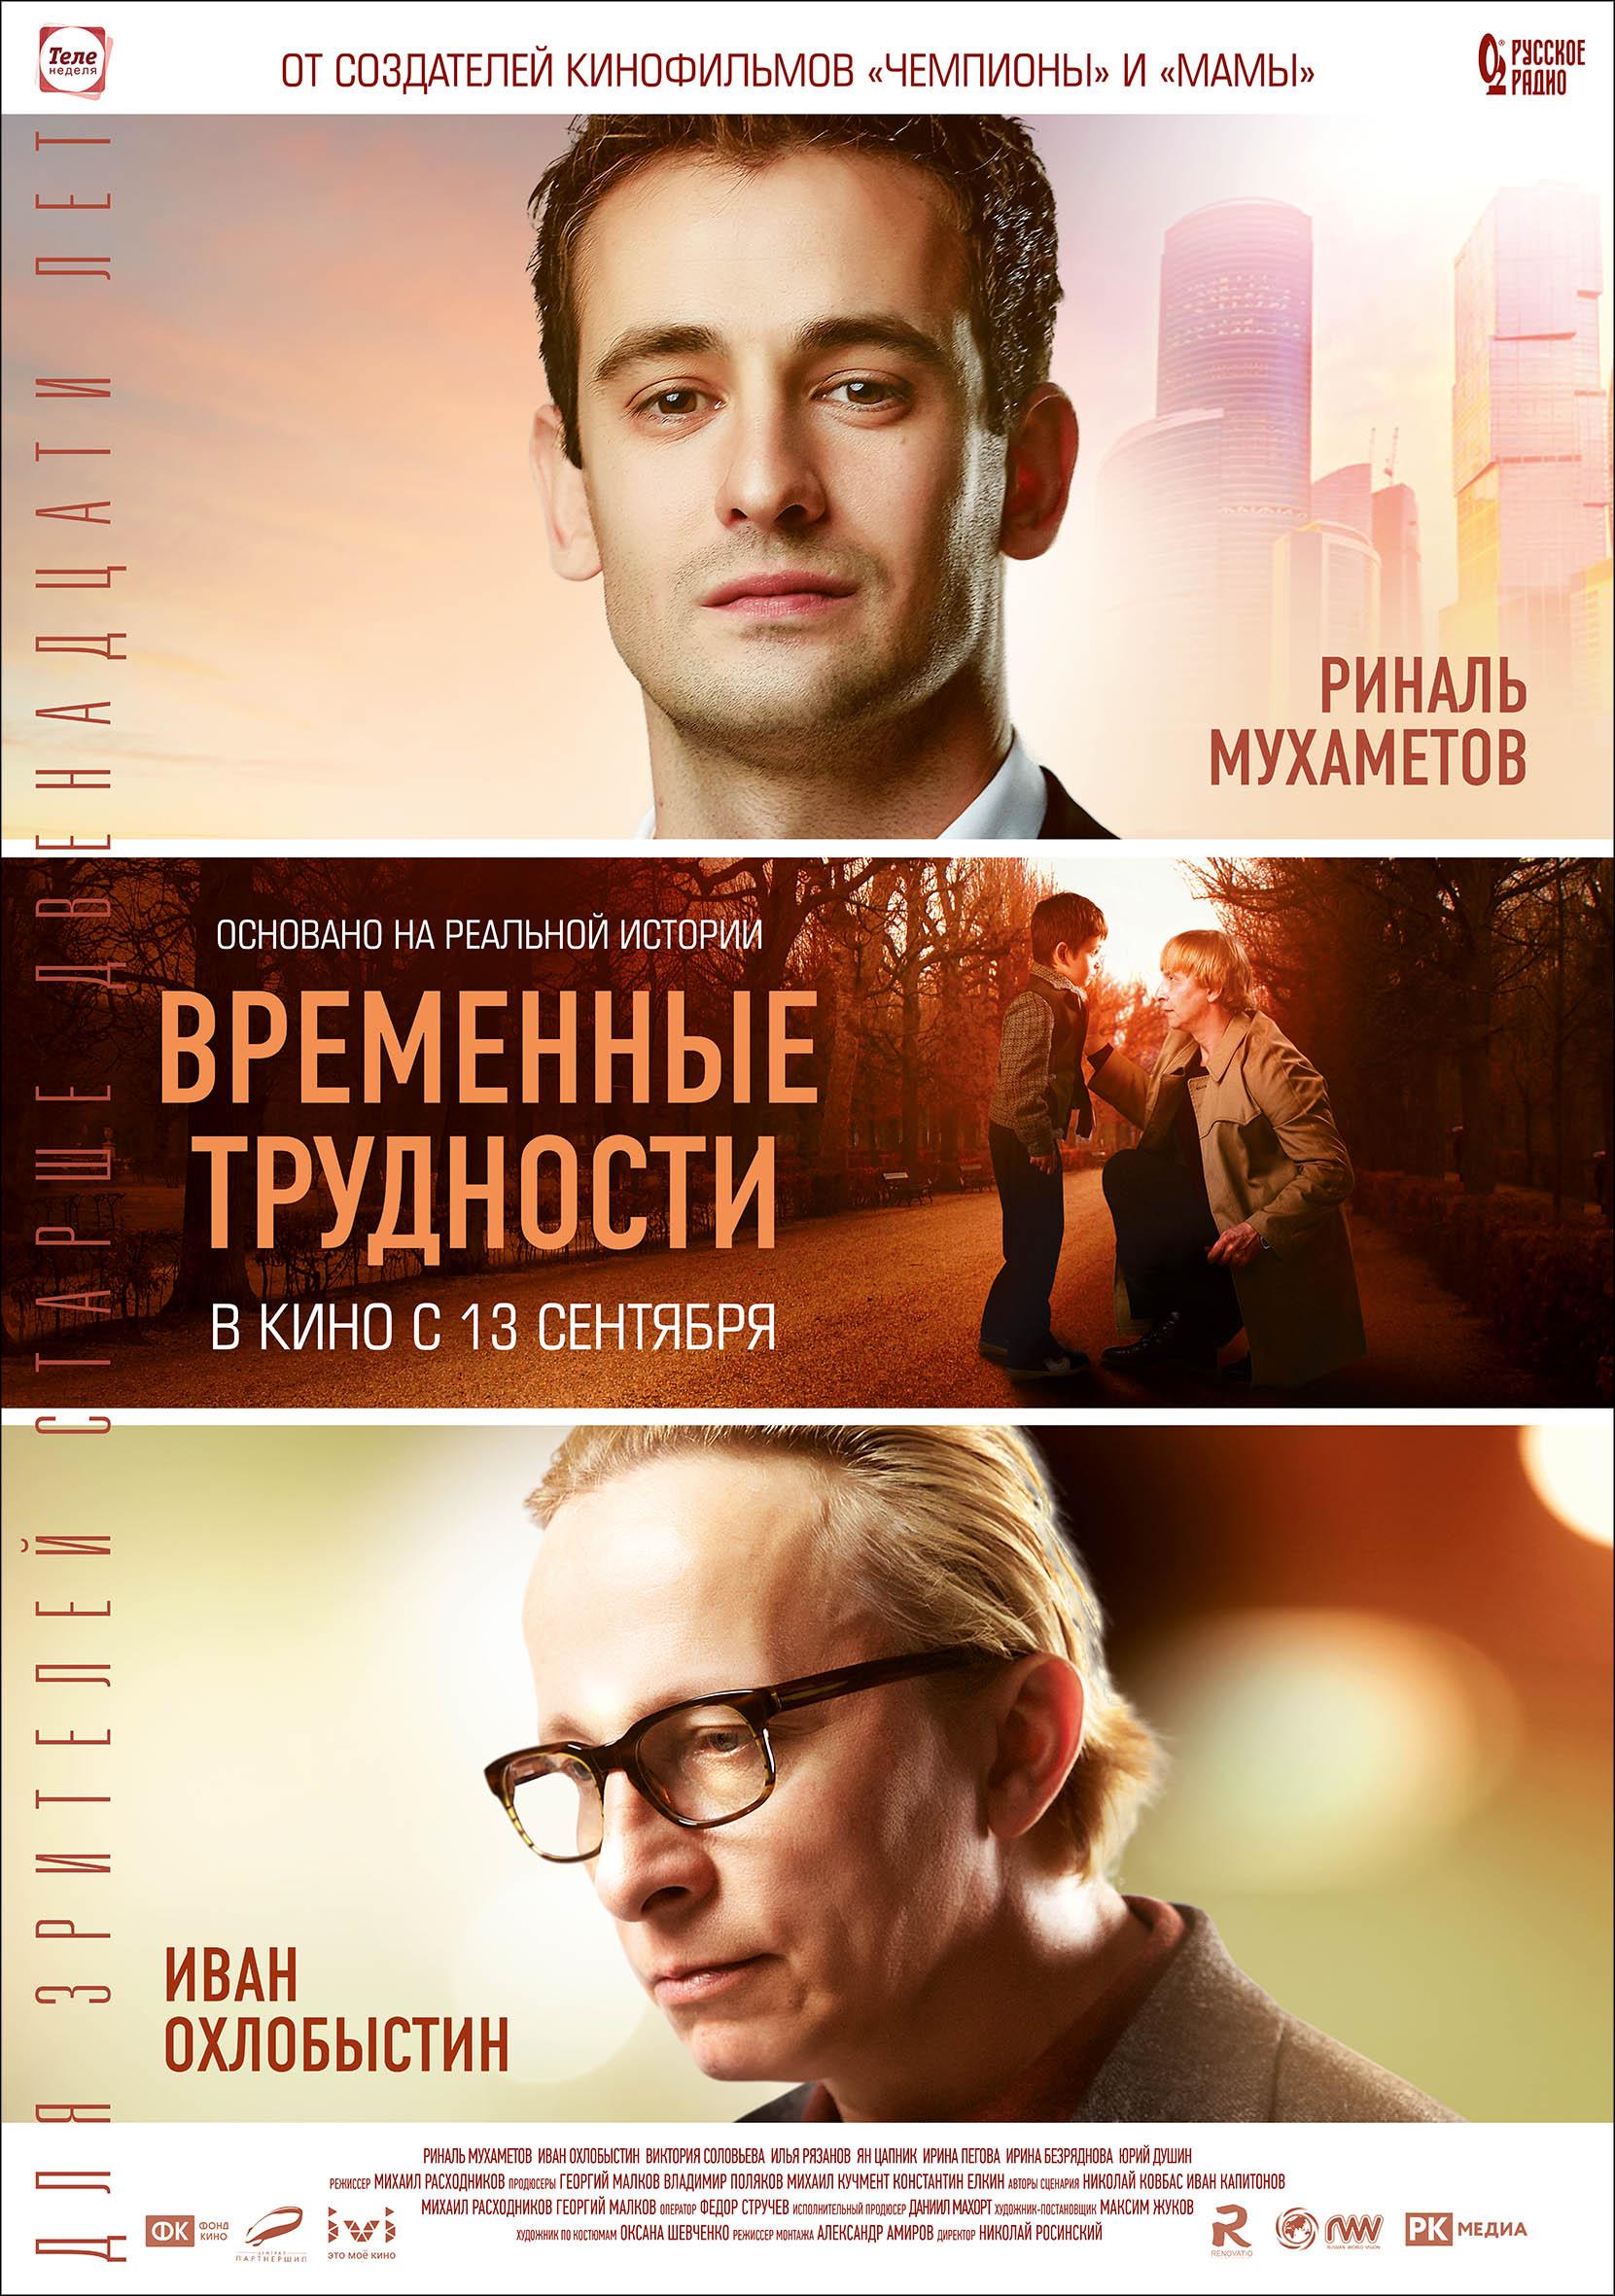 Filme.Ru